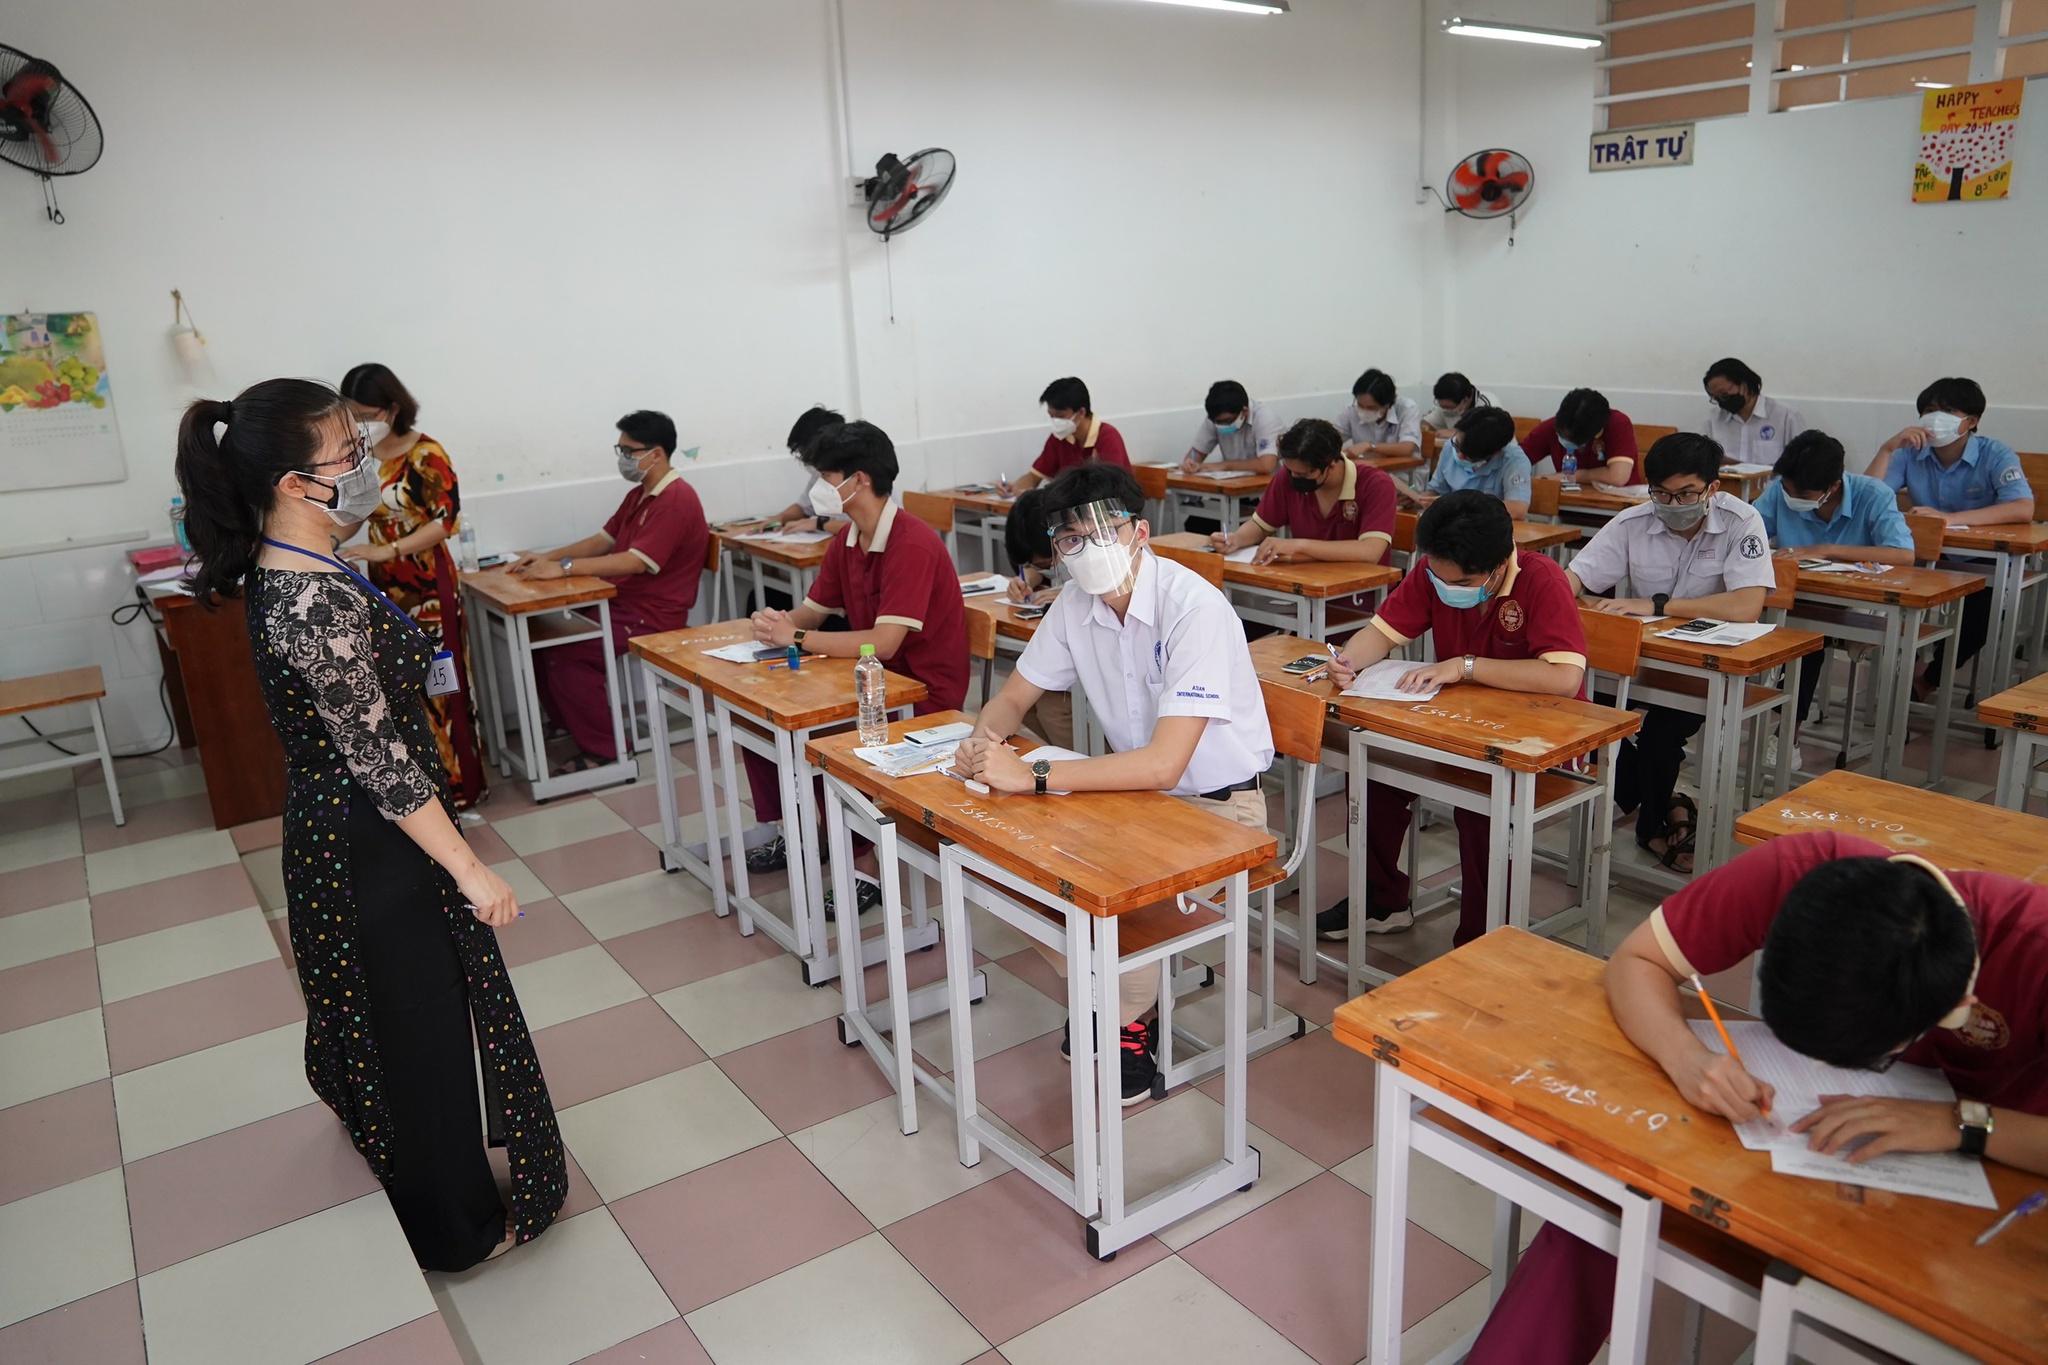 Chiều nay nhiều trường ĐH công bố điểm chuẩn xét dựa vào điểm thi tốt nghiệp THPT đợt 1 /// Độc Lập